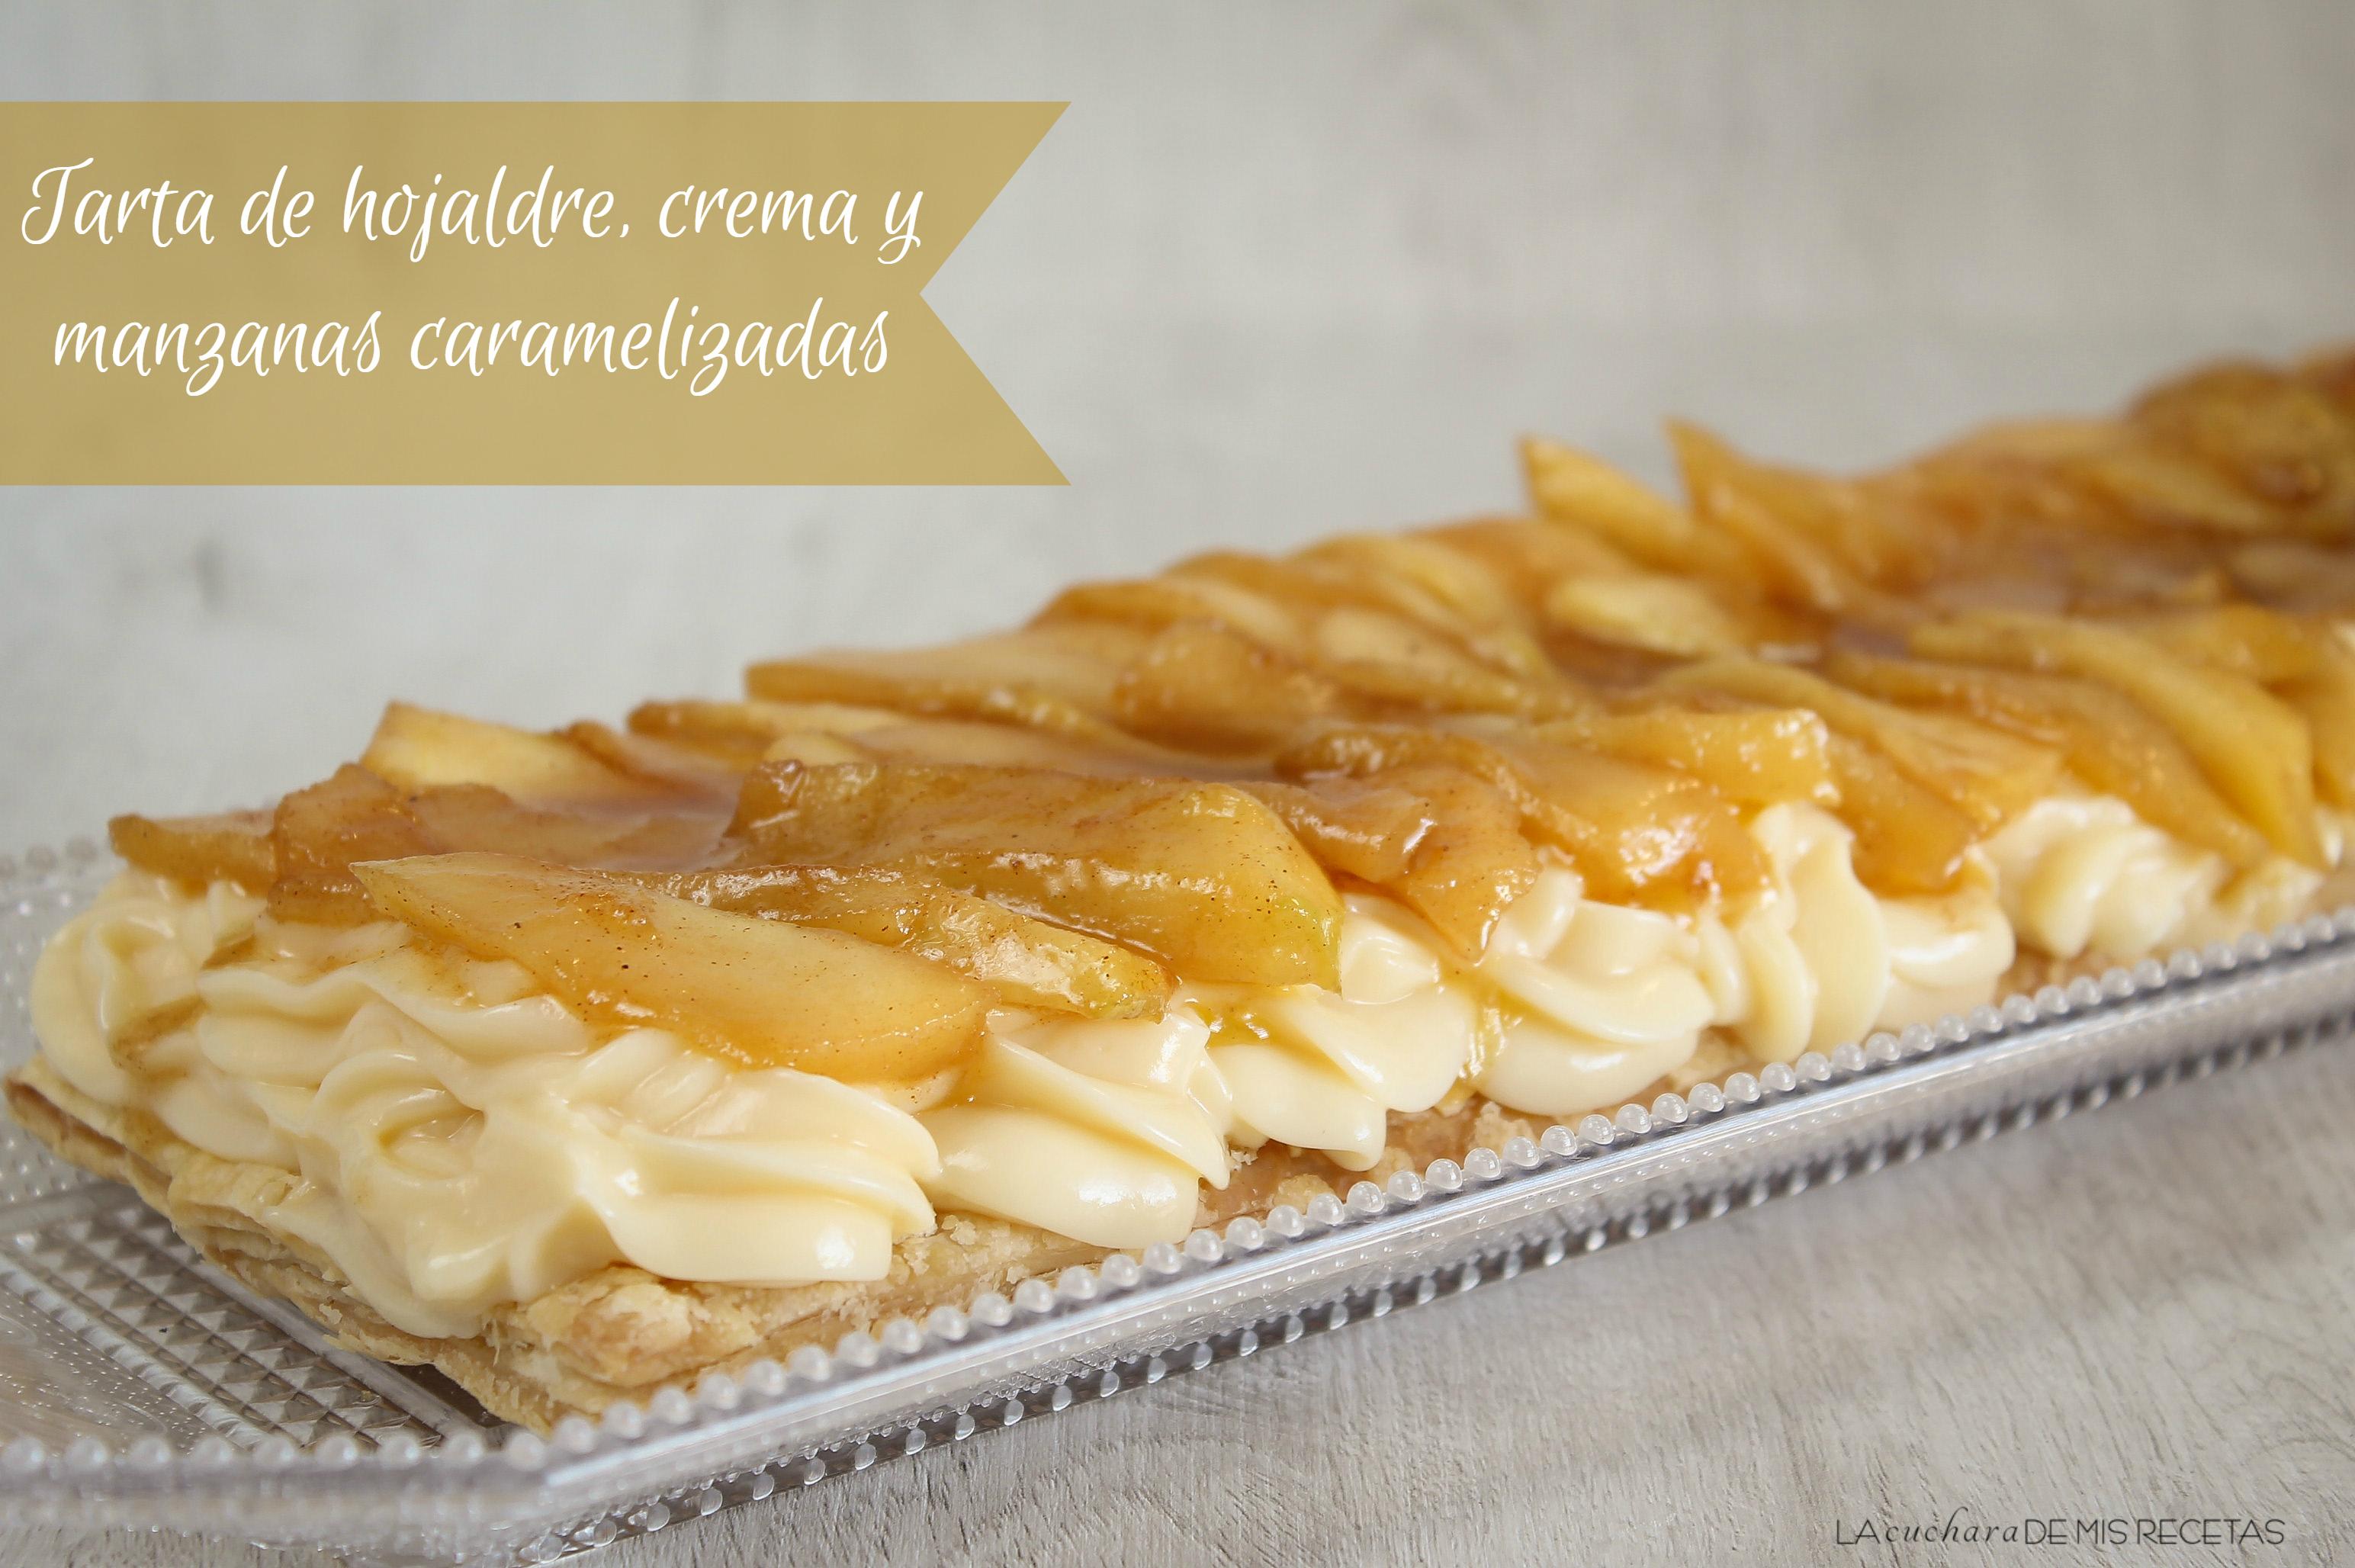 Tarta de hojaldre, crema y manzanas caramelizadas | La cuchara de mis recetas